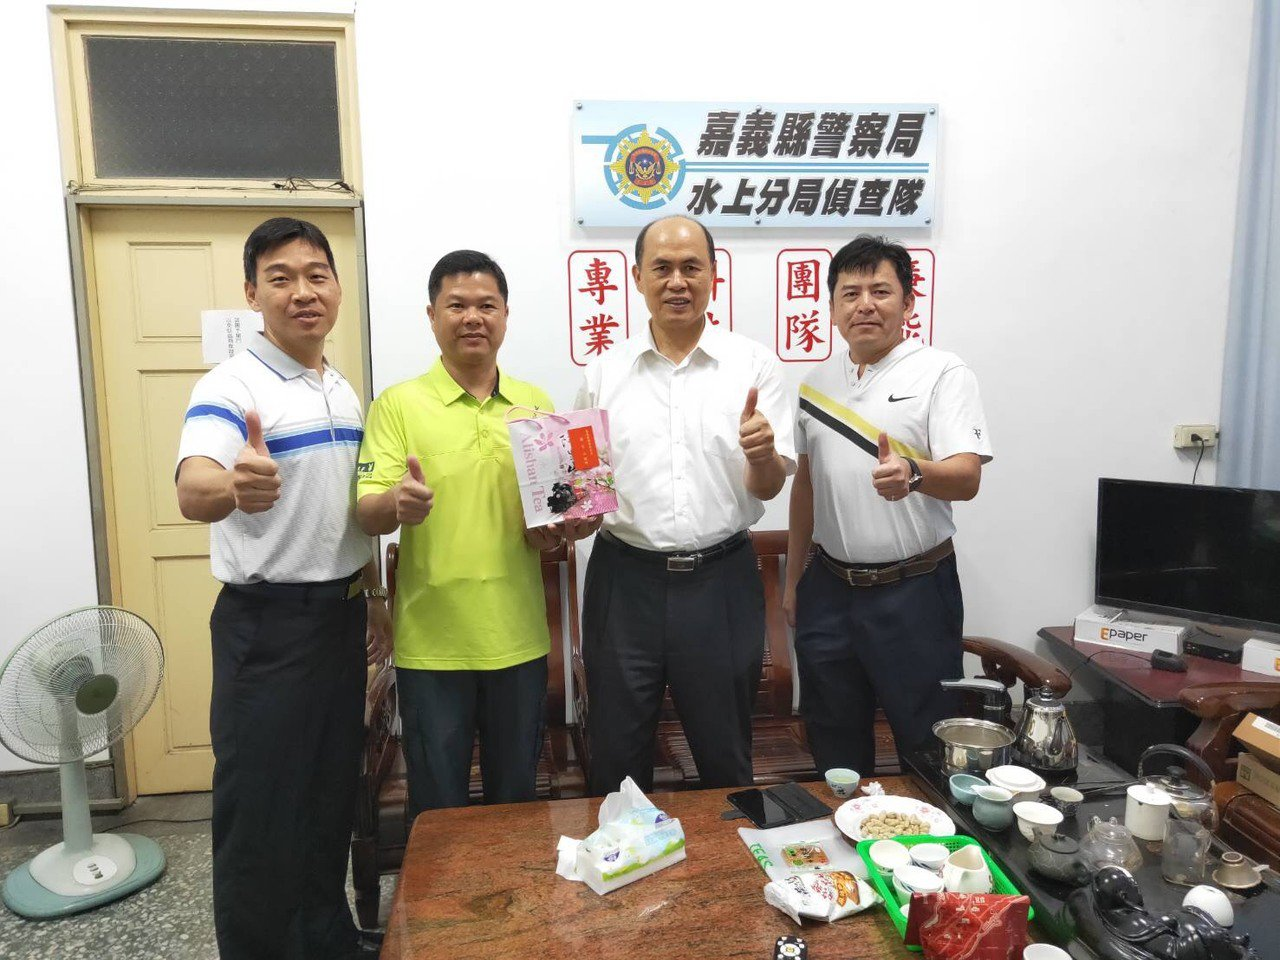 張永龍(左二)感謝嘉義縣警察局長廖宗山(右二)當時在現場坐鎮指揮,提供他安全感。...